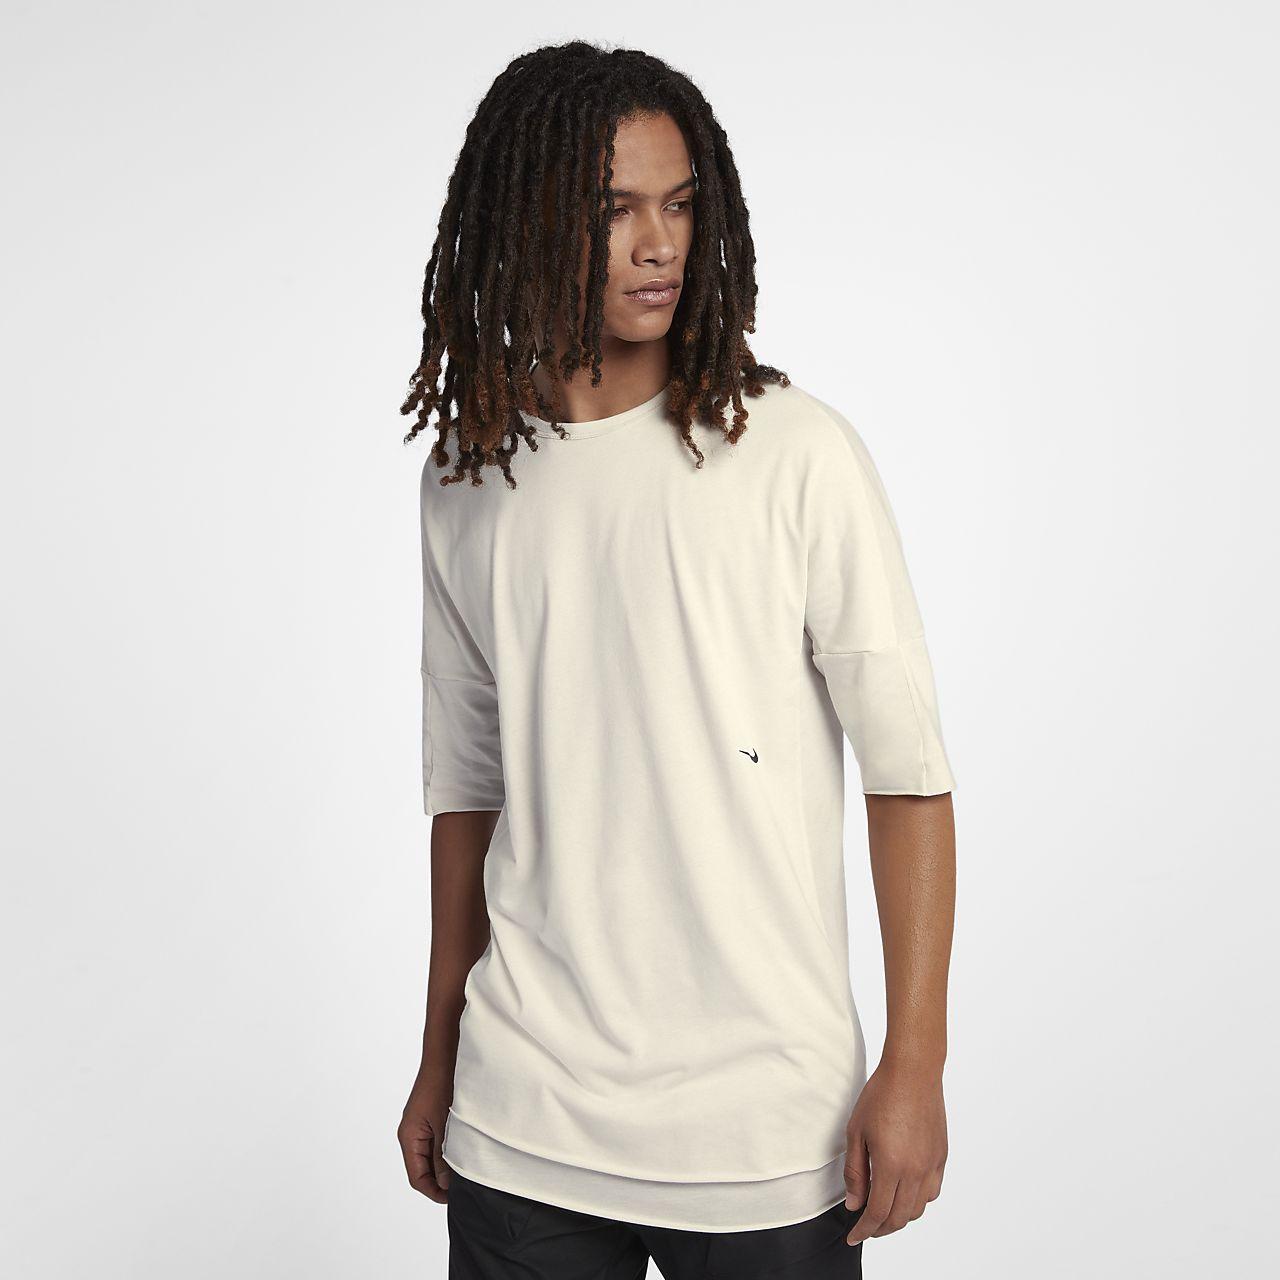 NikeLab AAE 2.0 Men's Short-Sleeve Top